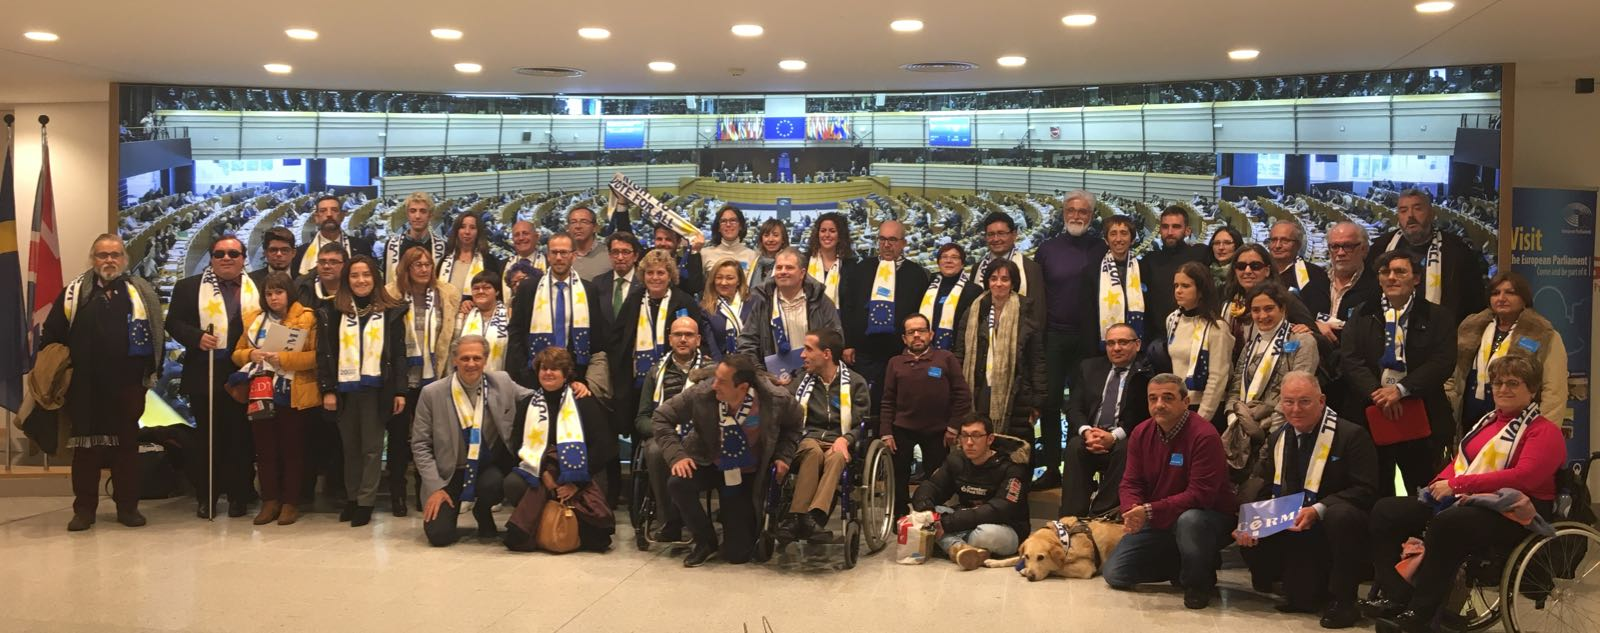 delegación de unas 60 personas del movimiento de la discapacidad española organizada en torno al CERMI